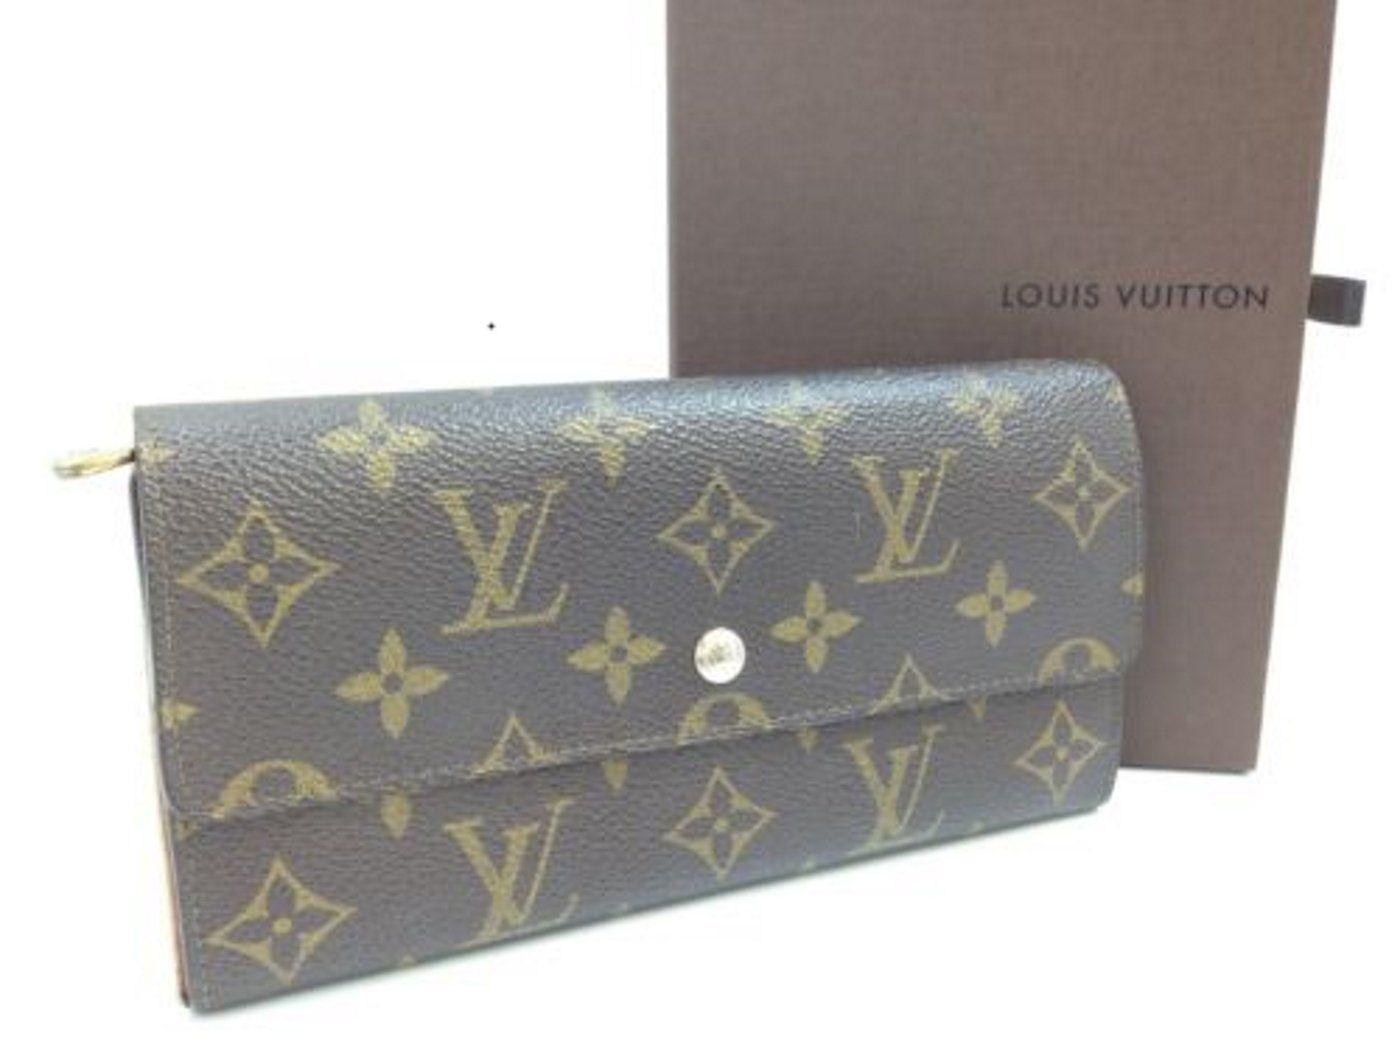 613c6e395f2 Louis Vuitton Portefeiulle Sarah Vintage Monogram Bifold Wallet ...